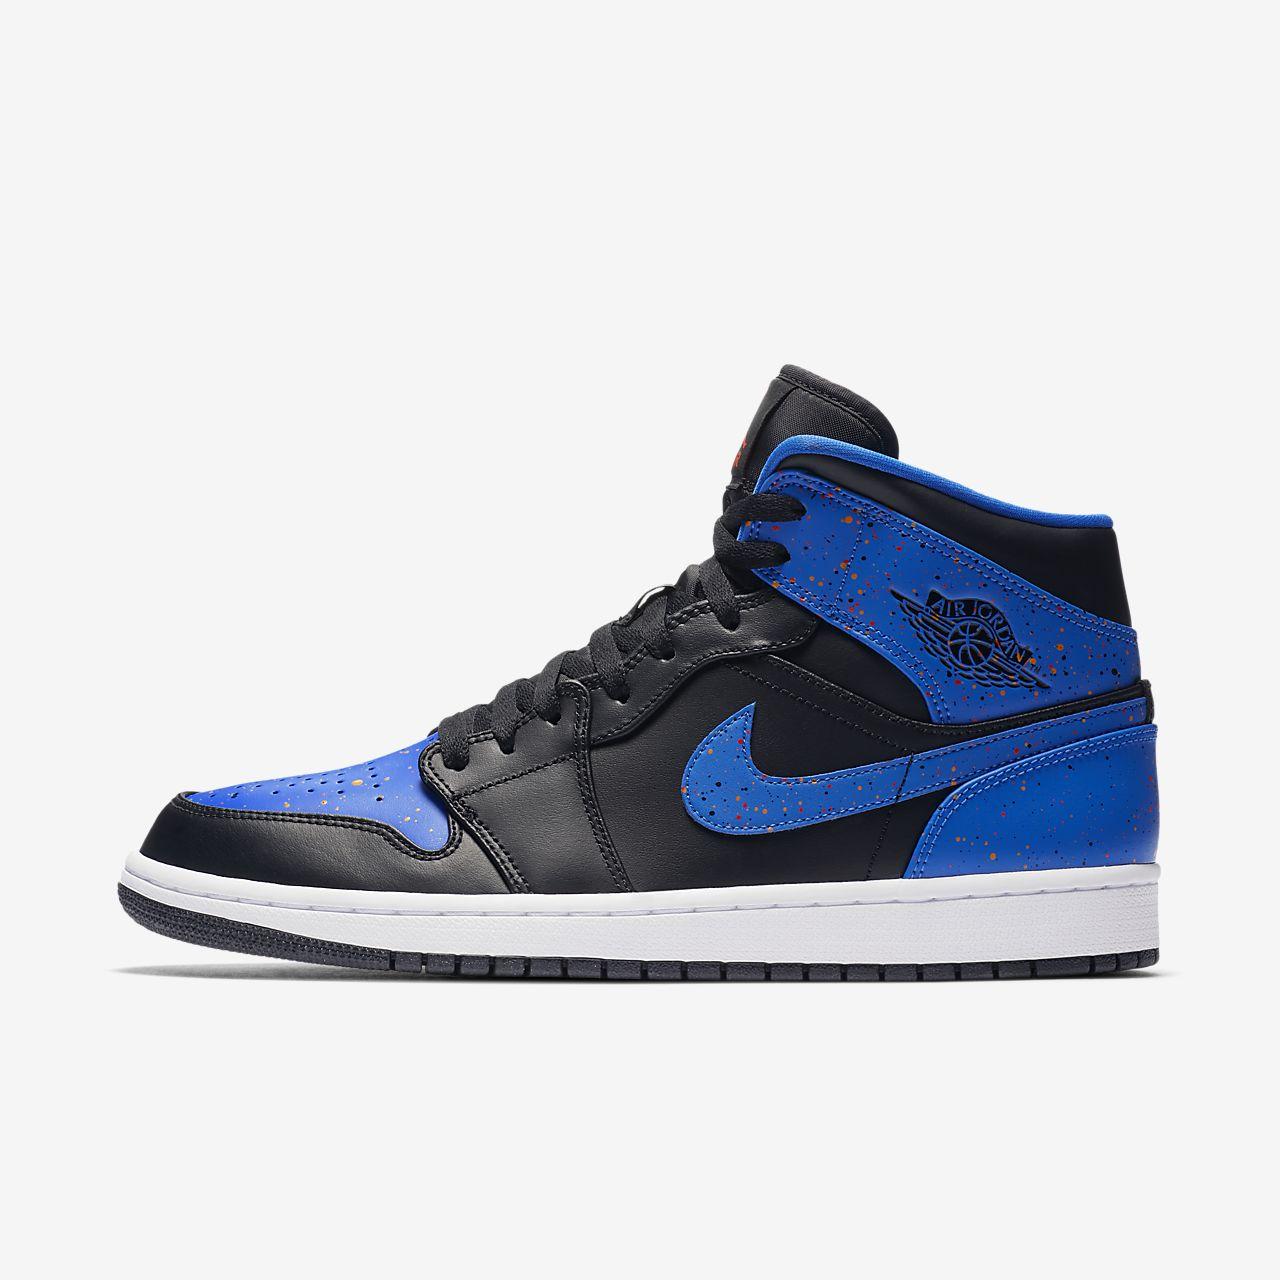 ... Air Jordan 1 Mid Speckle Men's Shoe